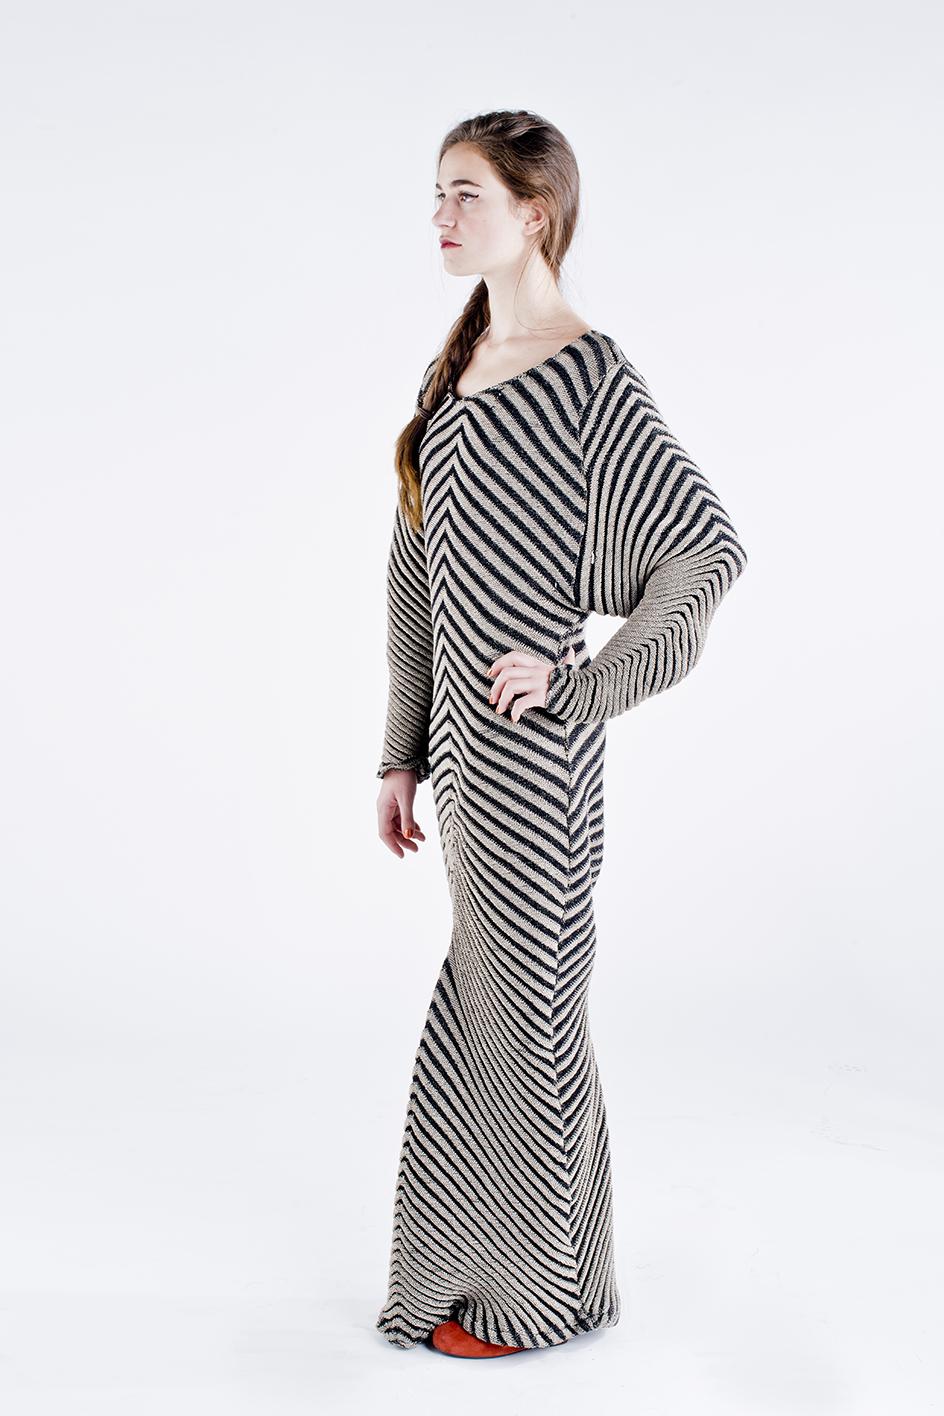 highline_dress_011_DSC6394.jpg